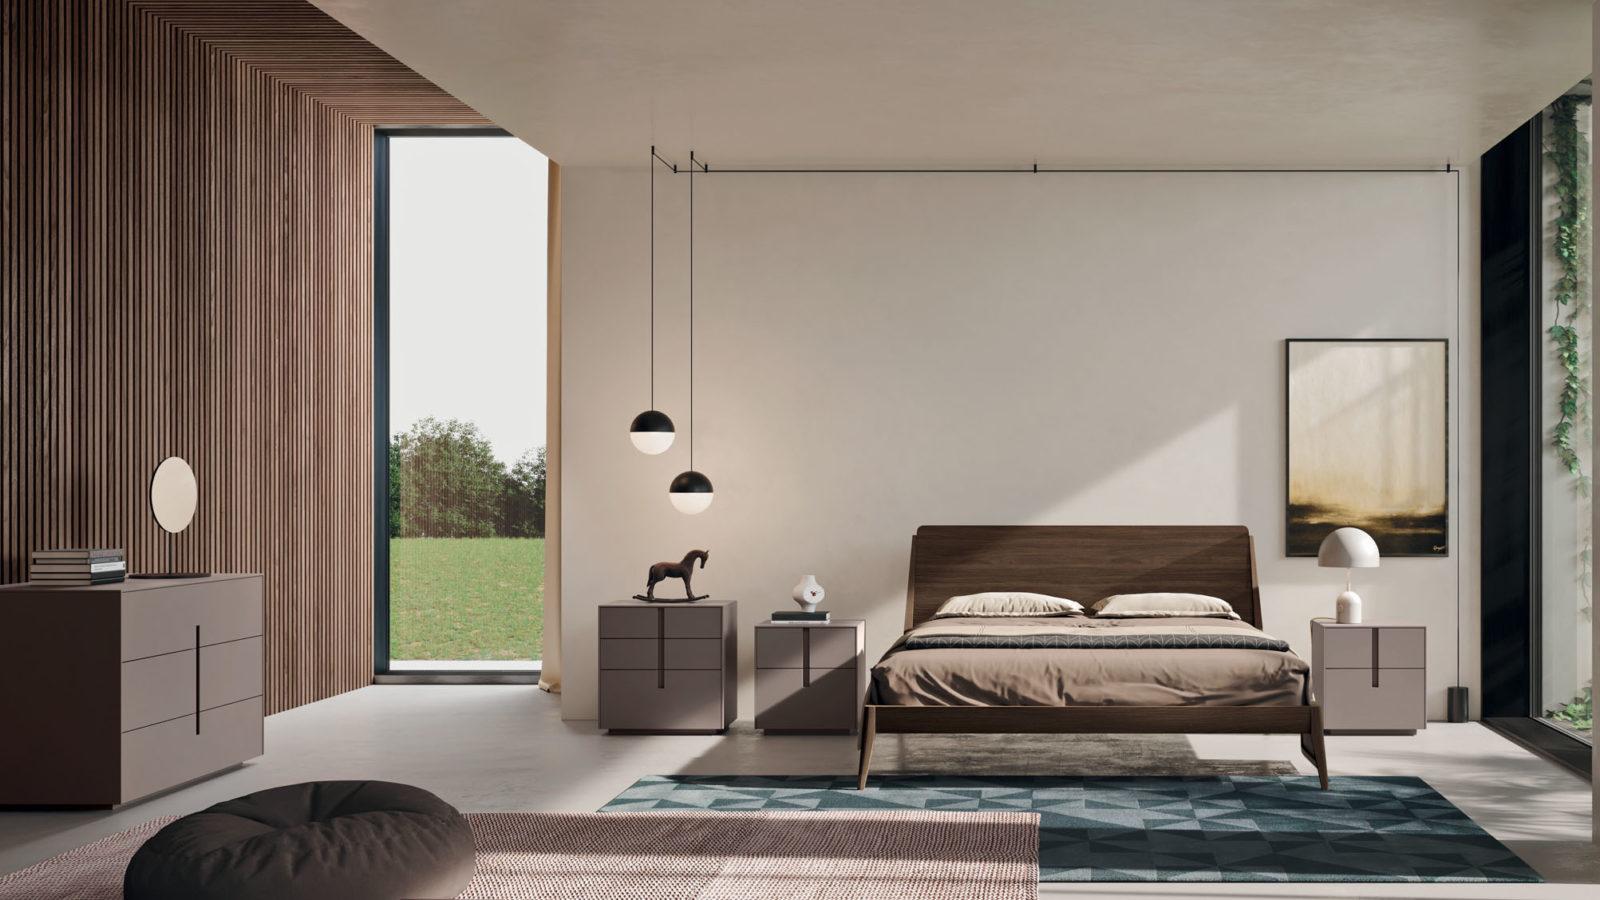 letto-miranda-0-orme-1600x900-1